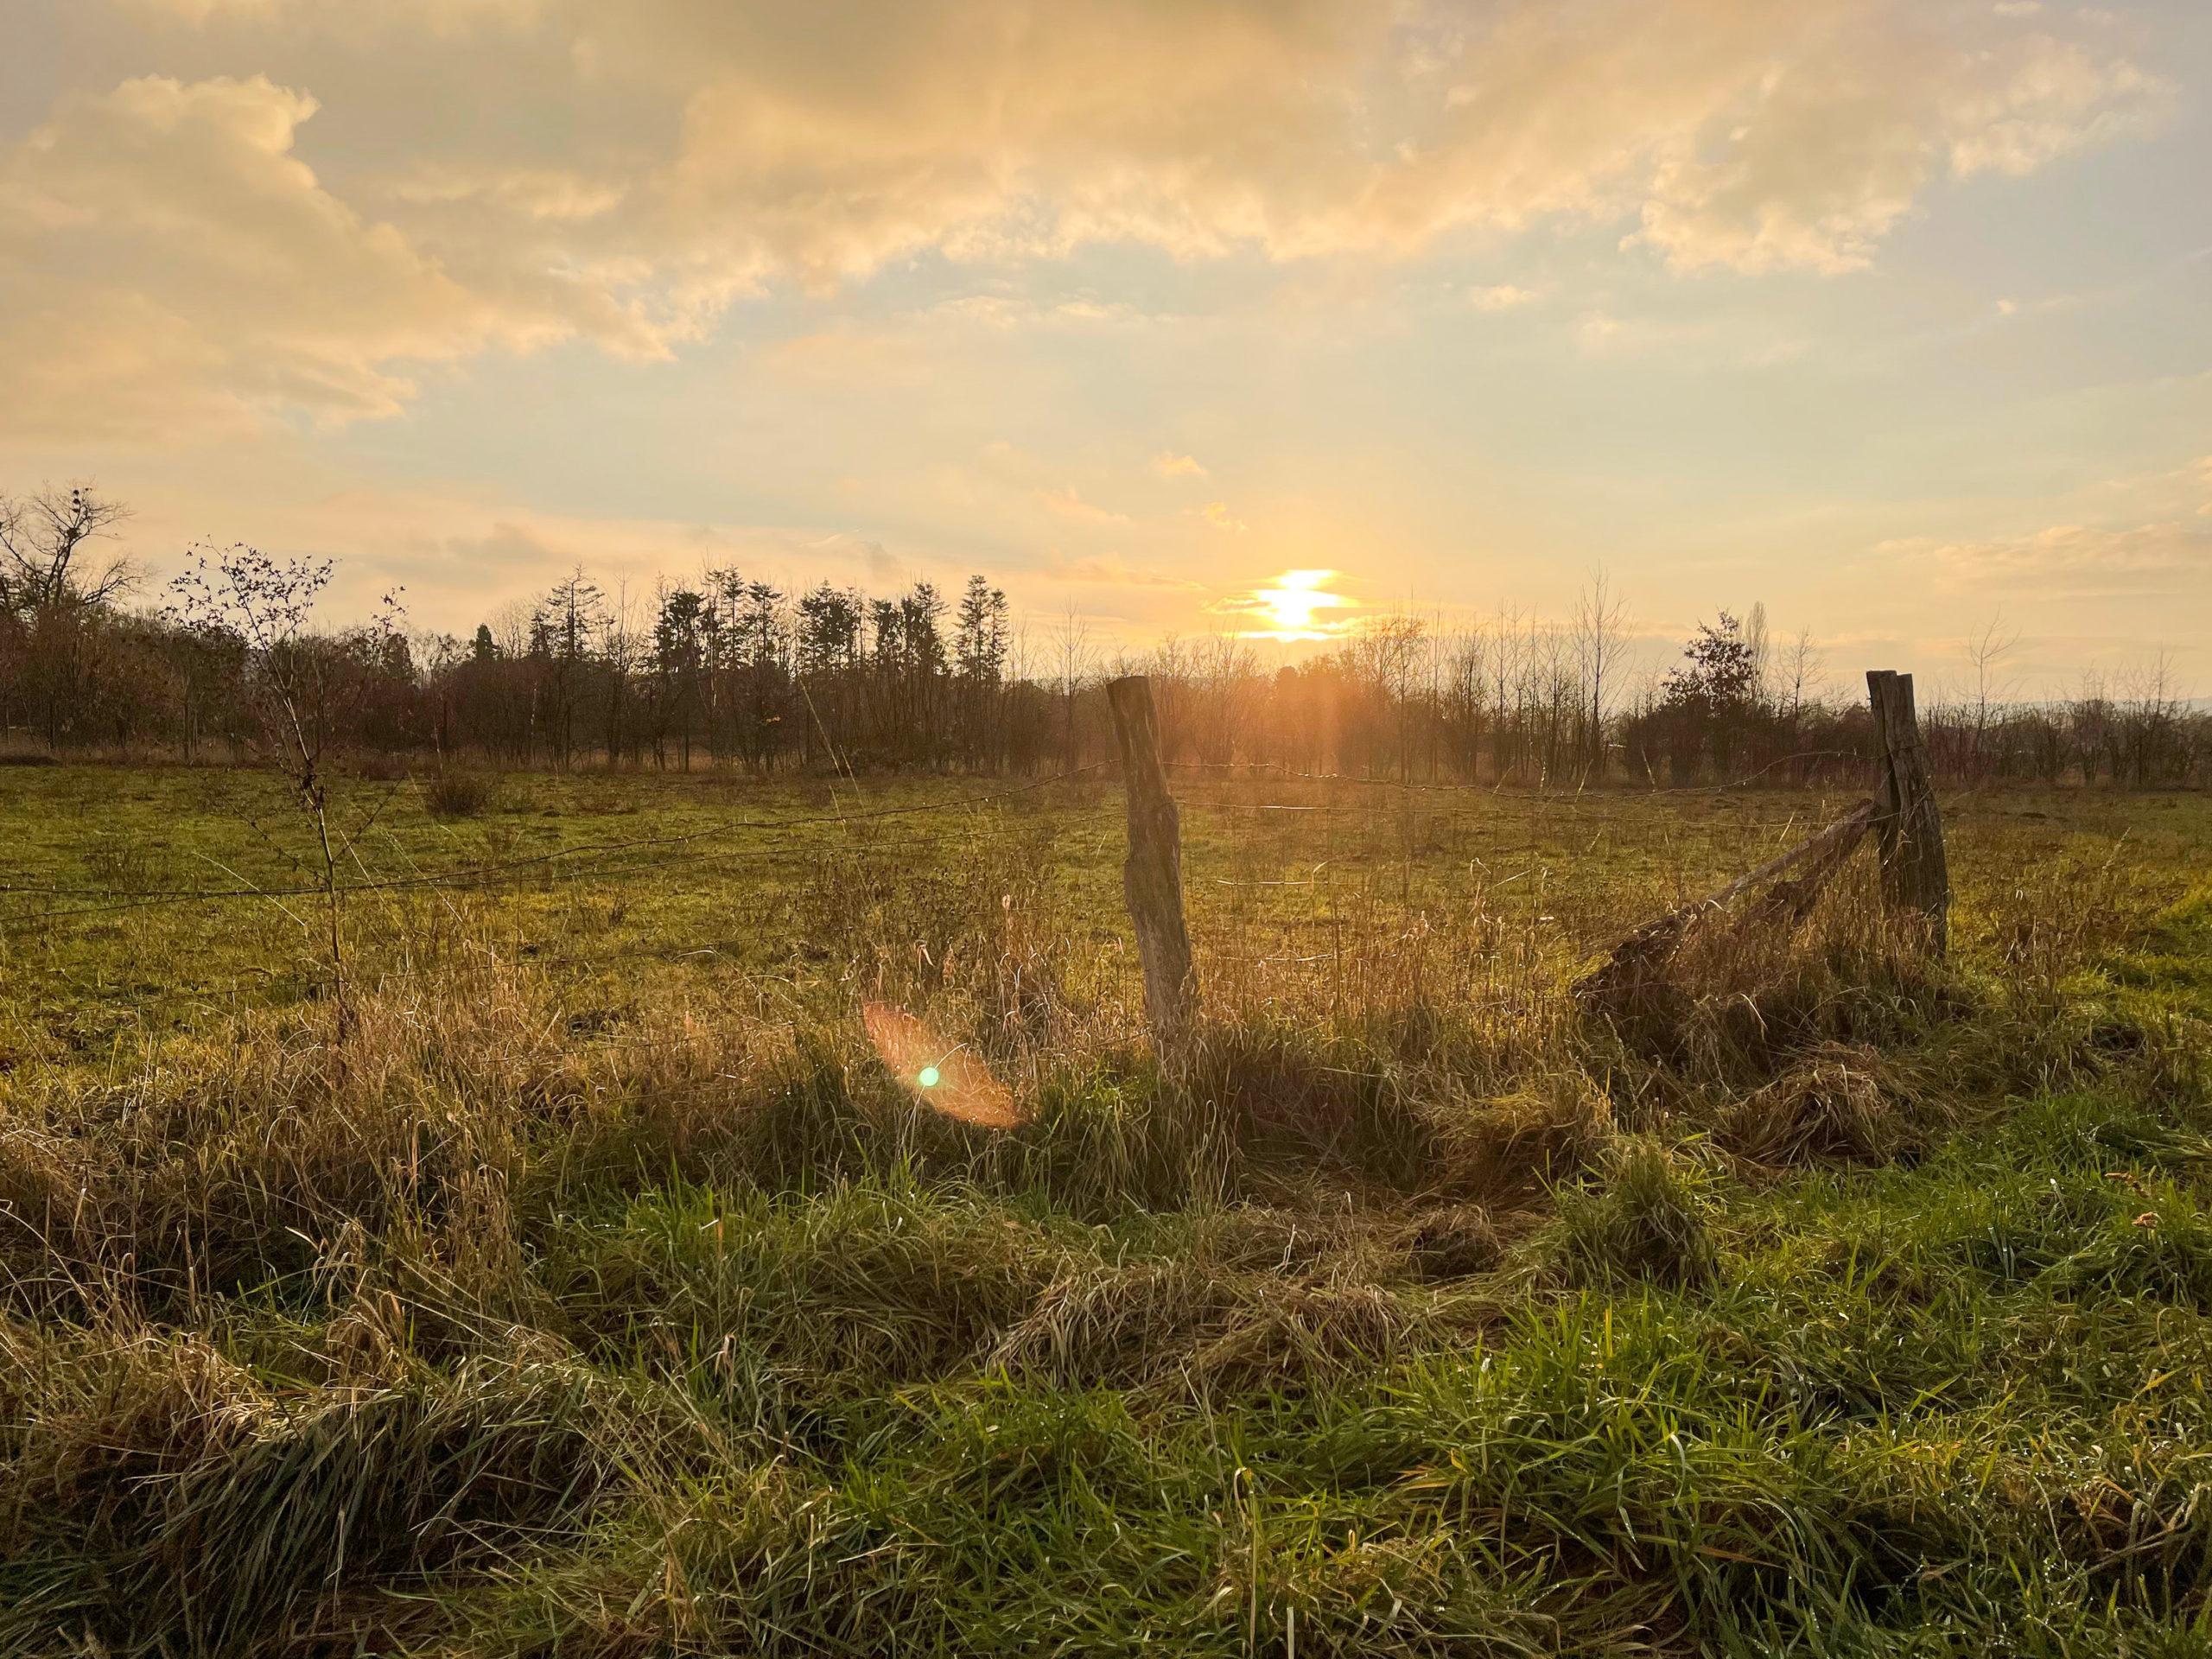 Sonnenuntergang vor einem Zaun und Wiese.